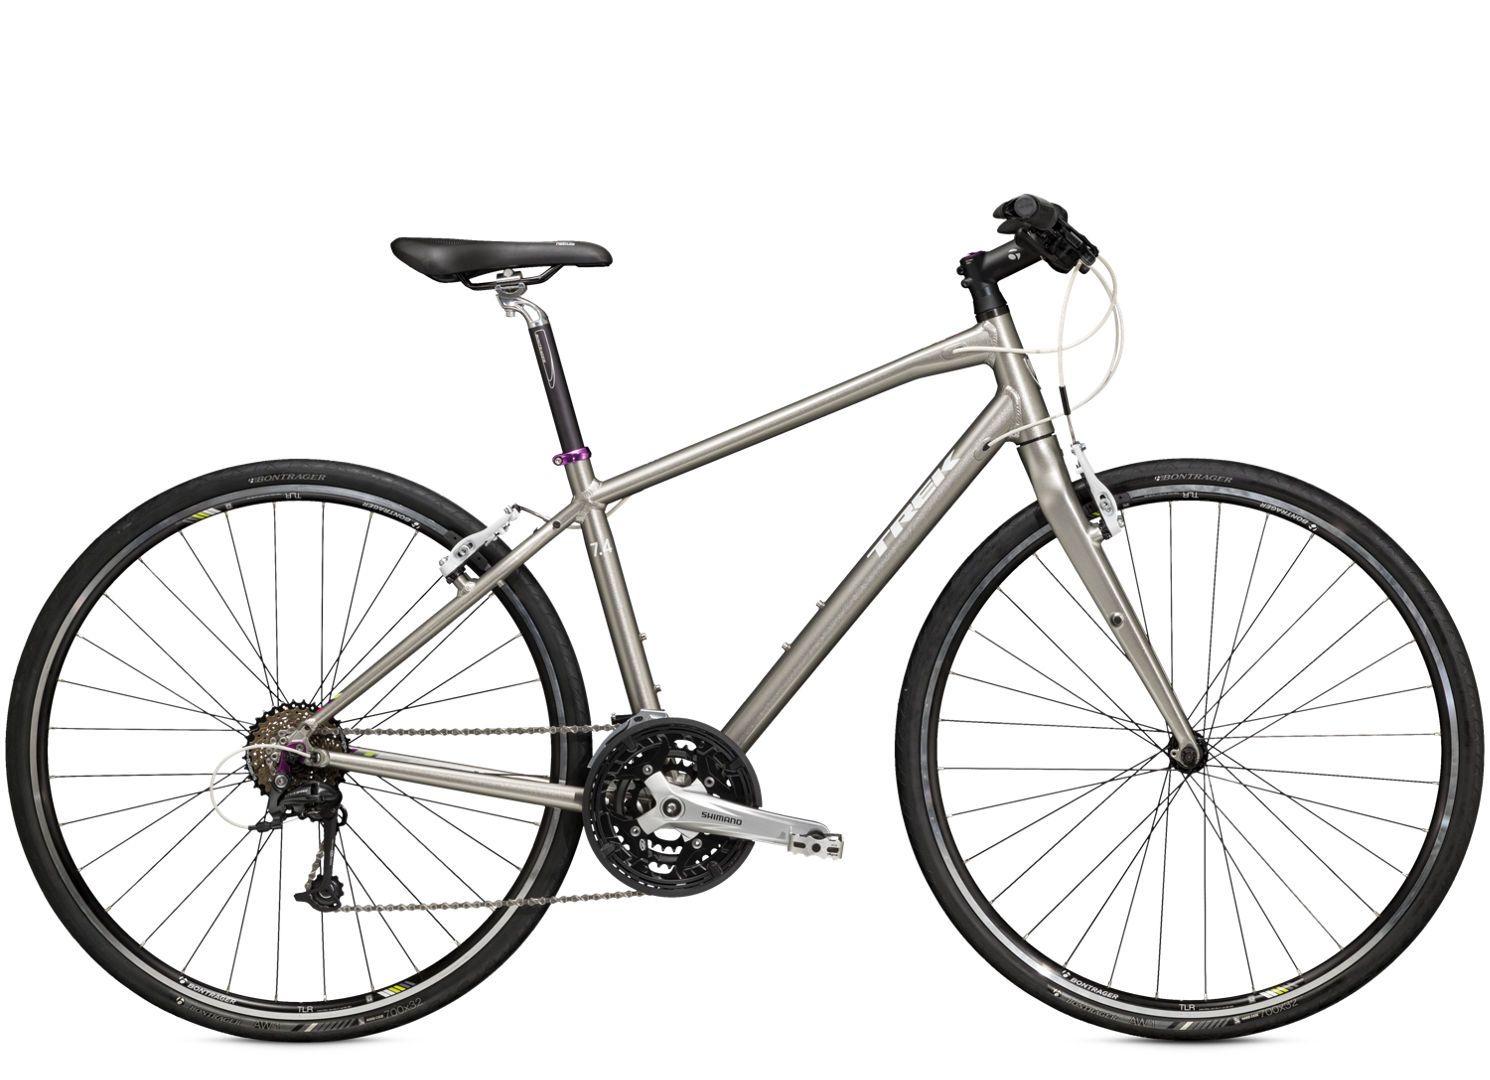 7 4 Fx Wsd Duotrap S Trek Bicycle Trek Bicycle Trek Bikes Womens Bike